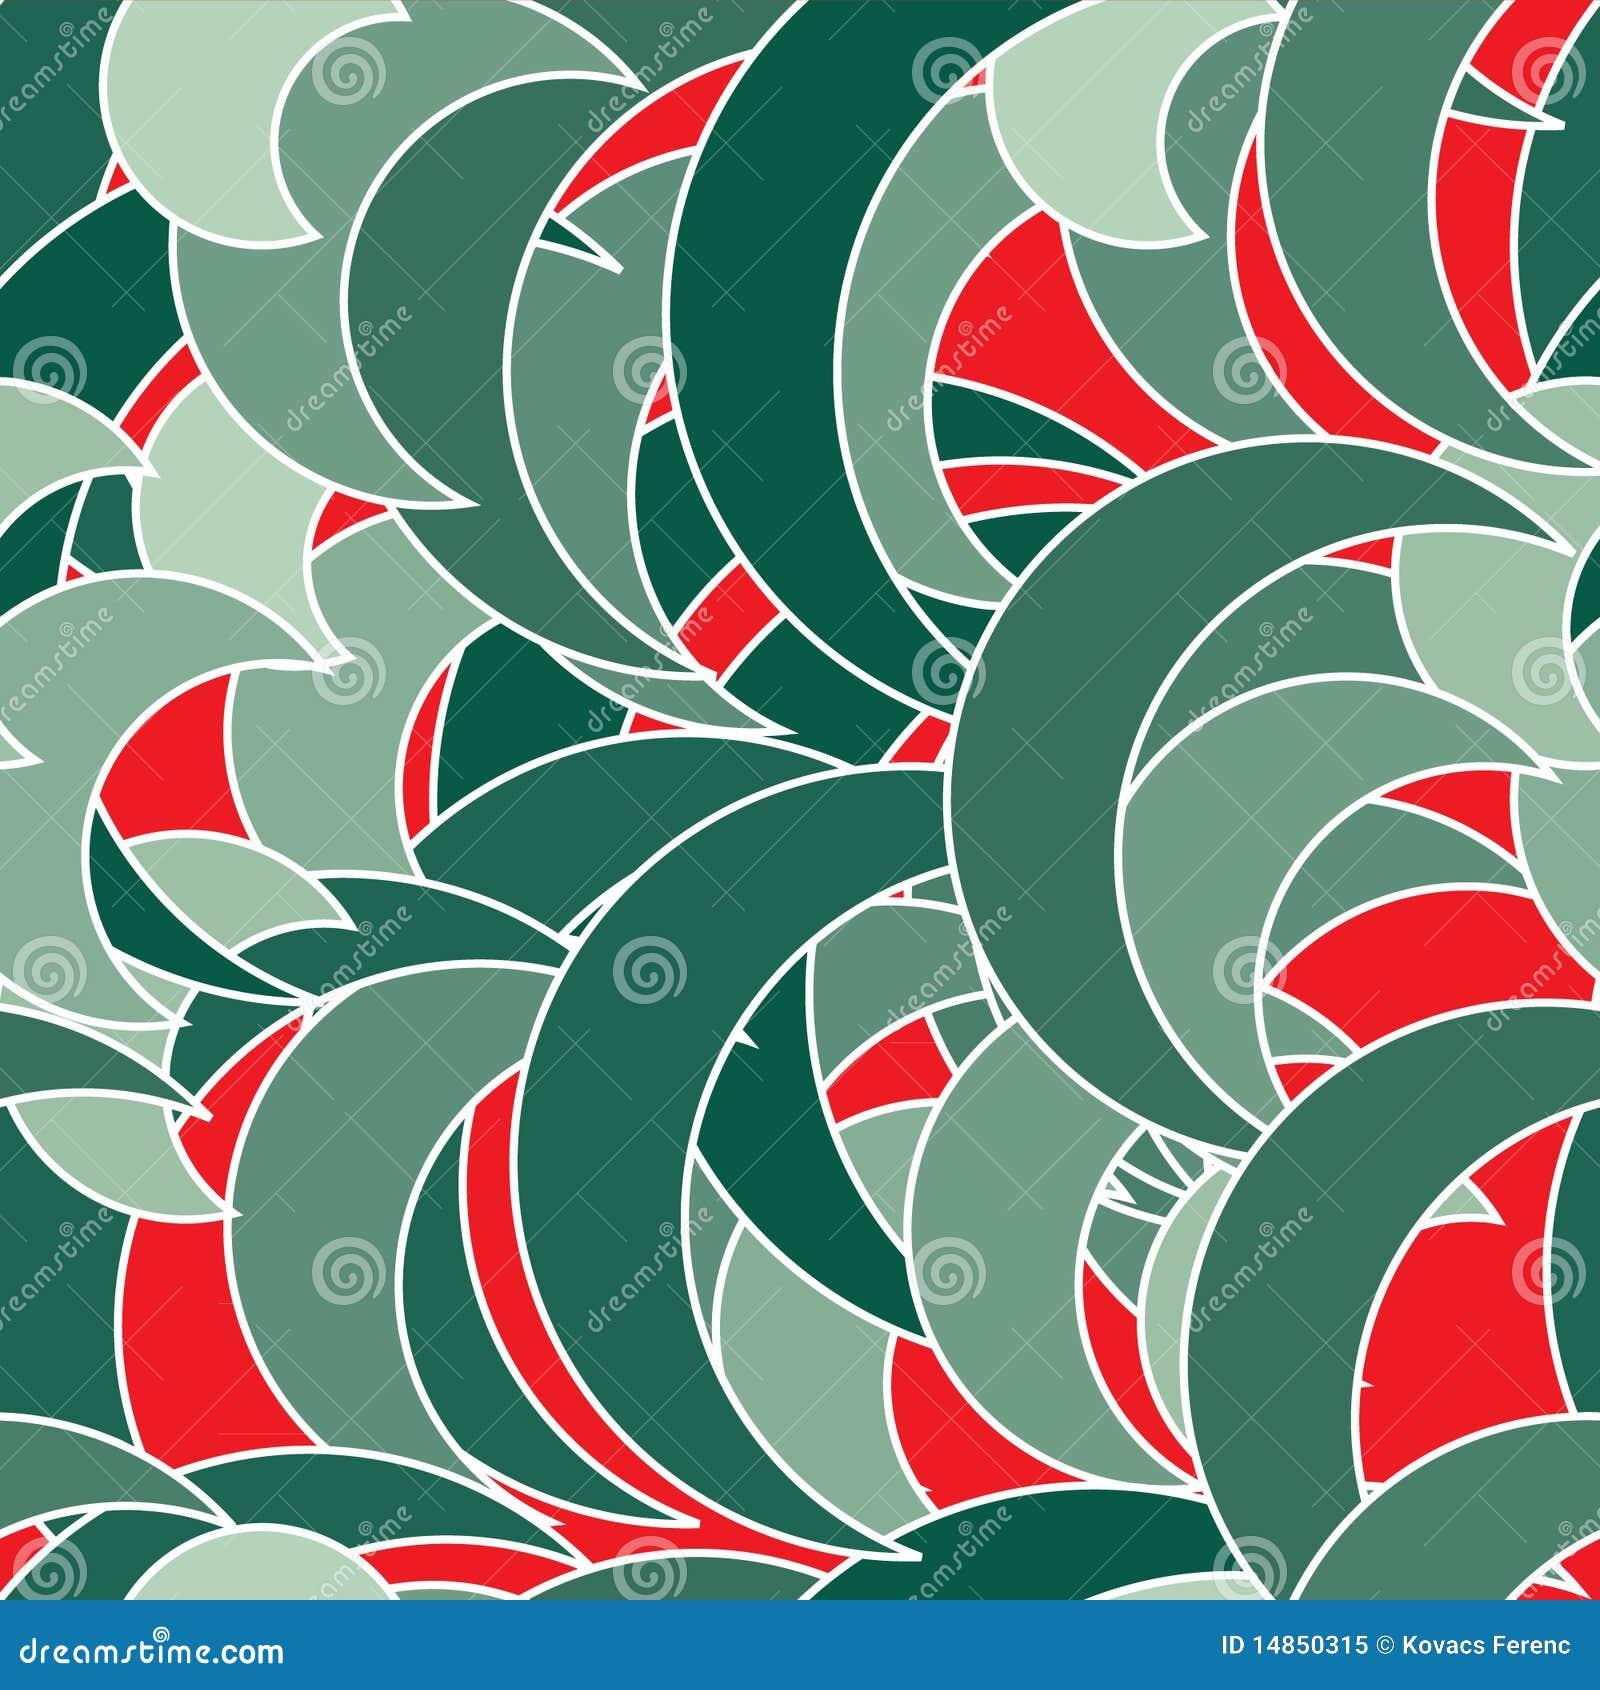 Vector illustration. Seamless pattern.